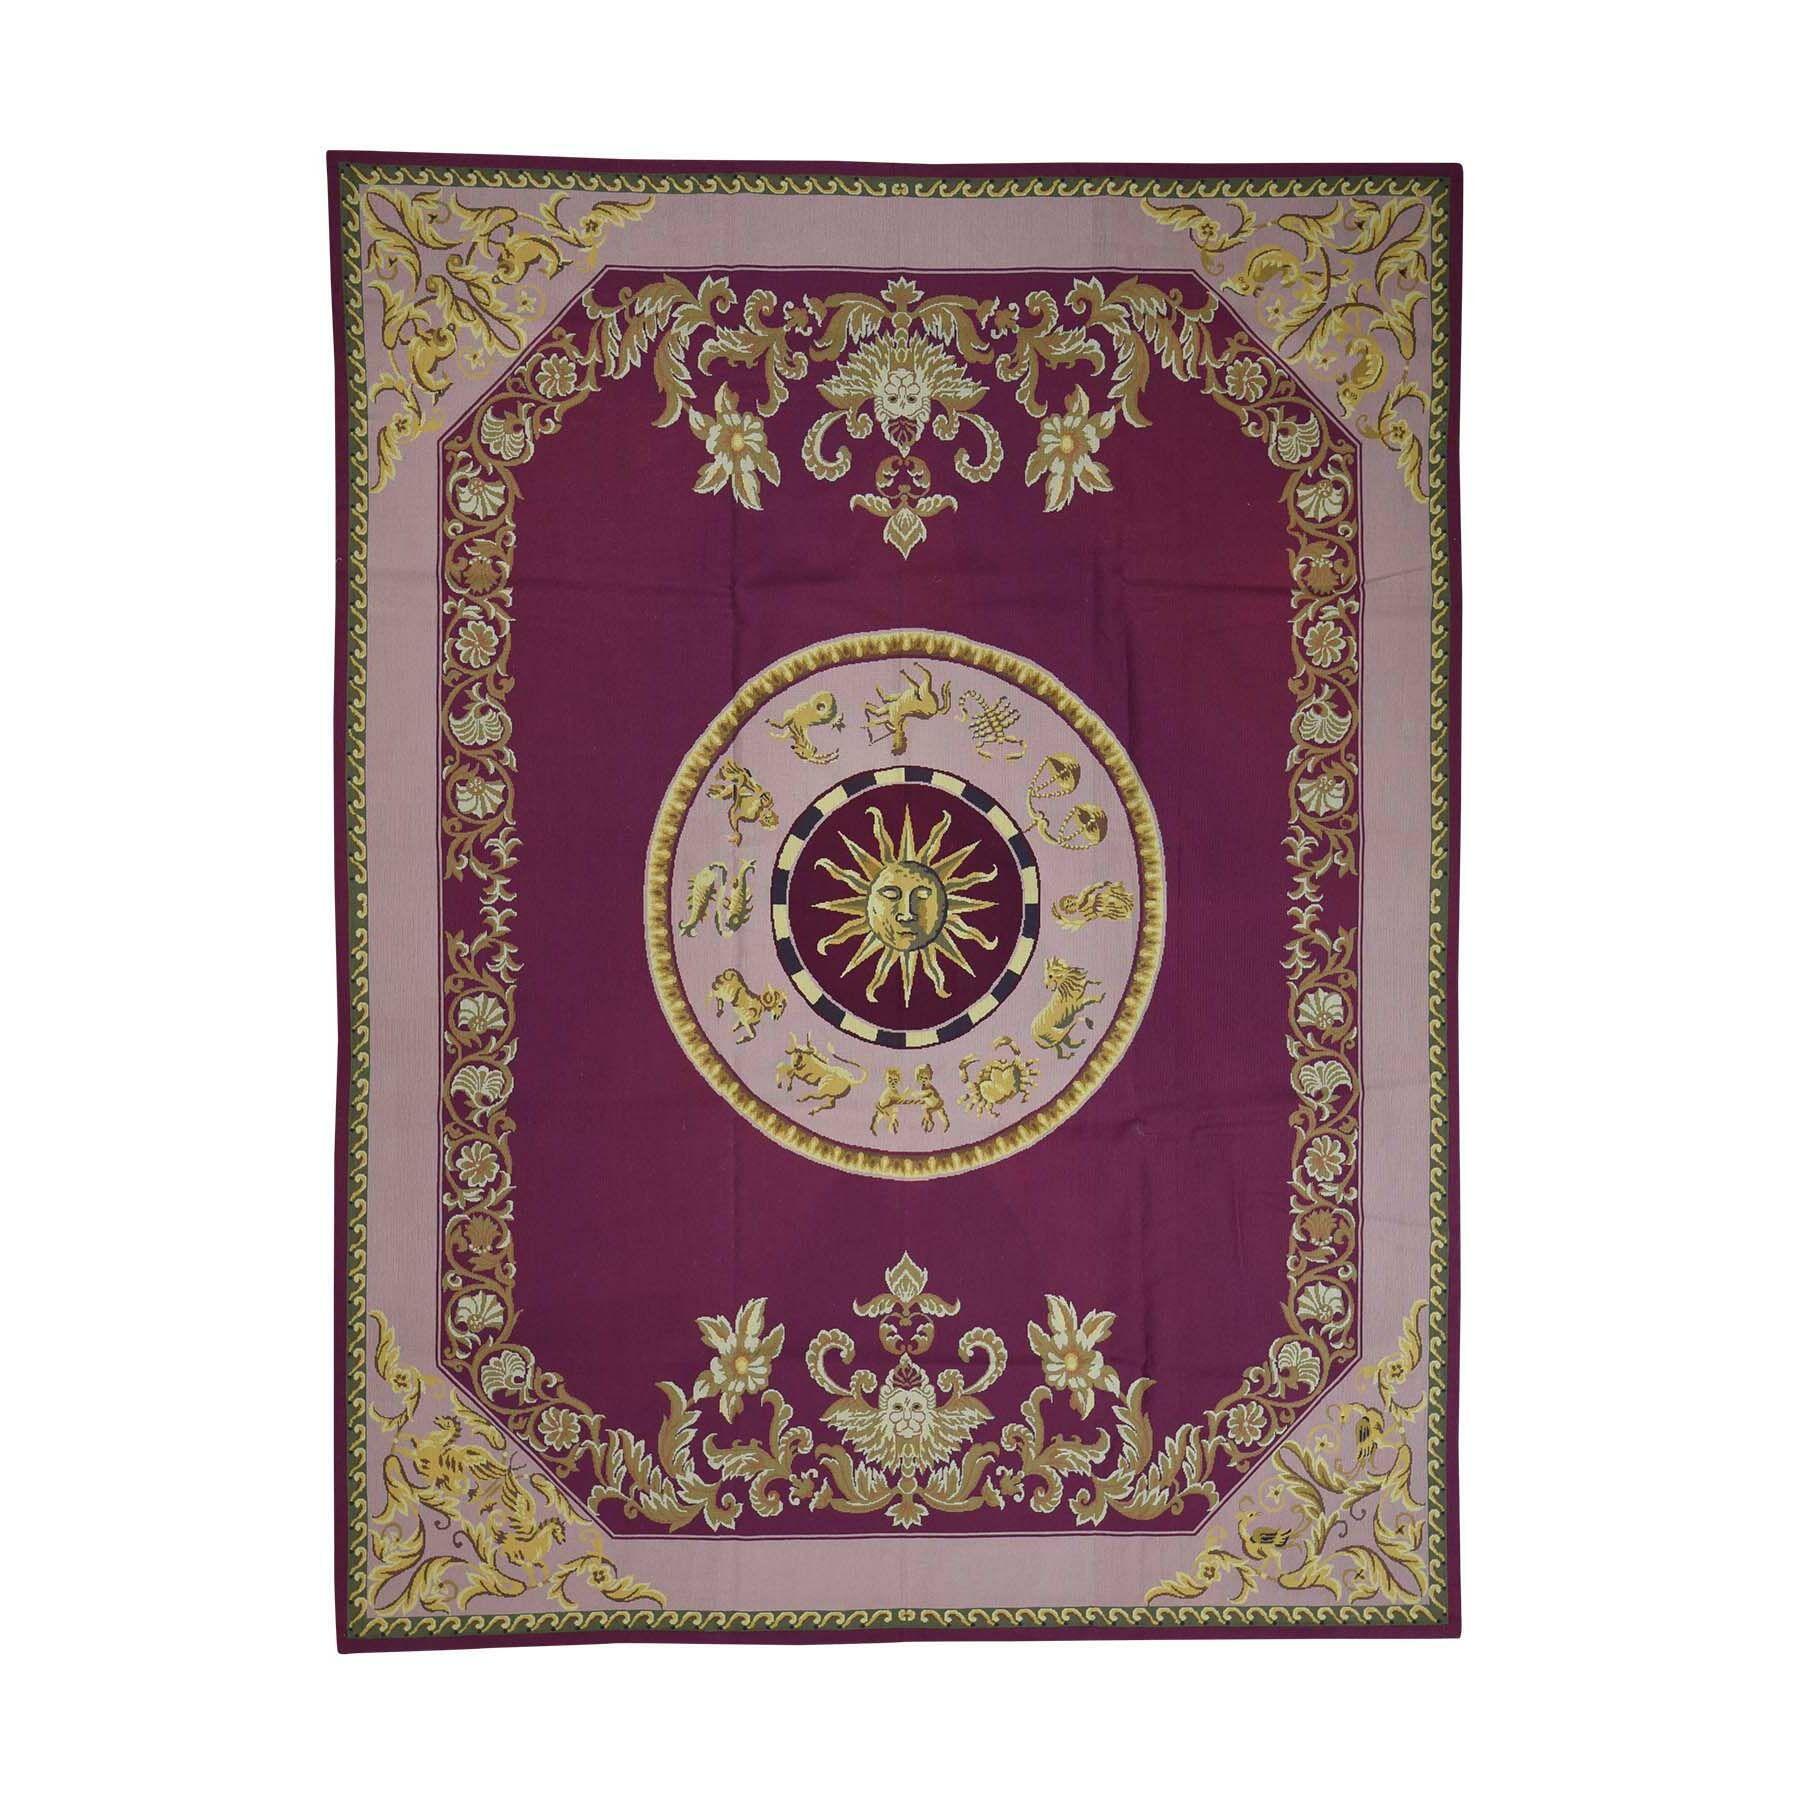 One-of-a-Kind Pinkham Needlepoint Zodiac Theme Hand-Knotted Purple Area Rug